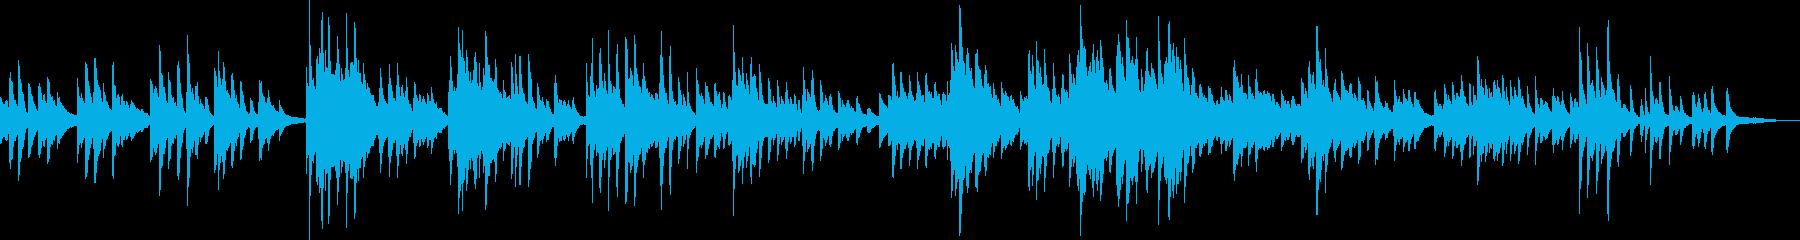 心残り(ピアノバラード・切ない・悲しい)の再生済みの波形